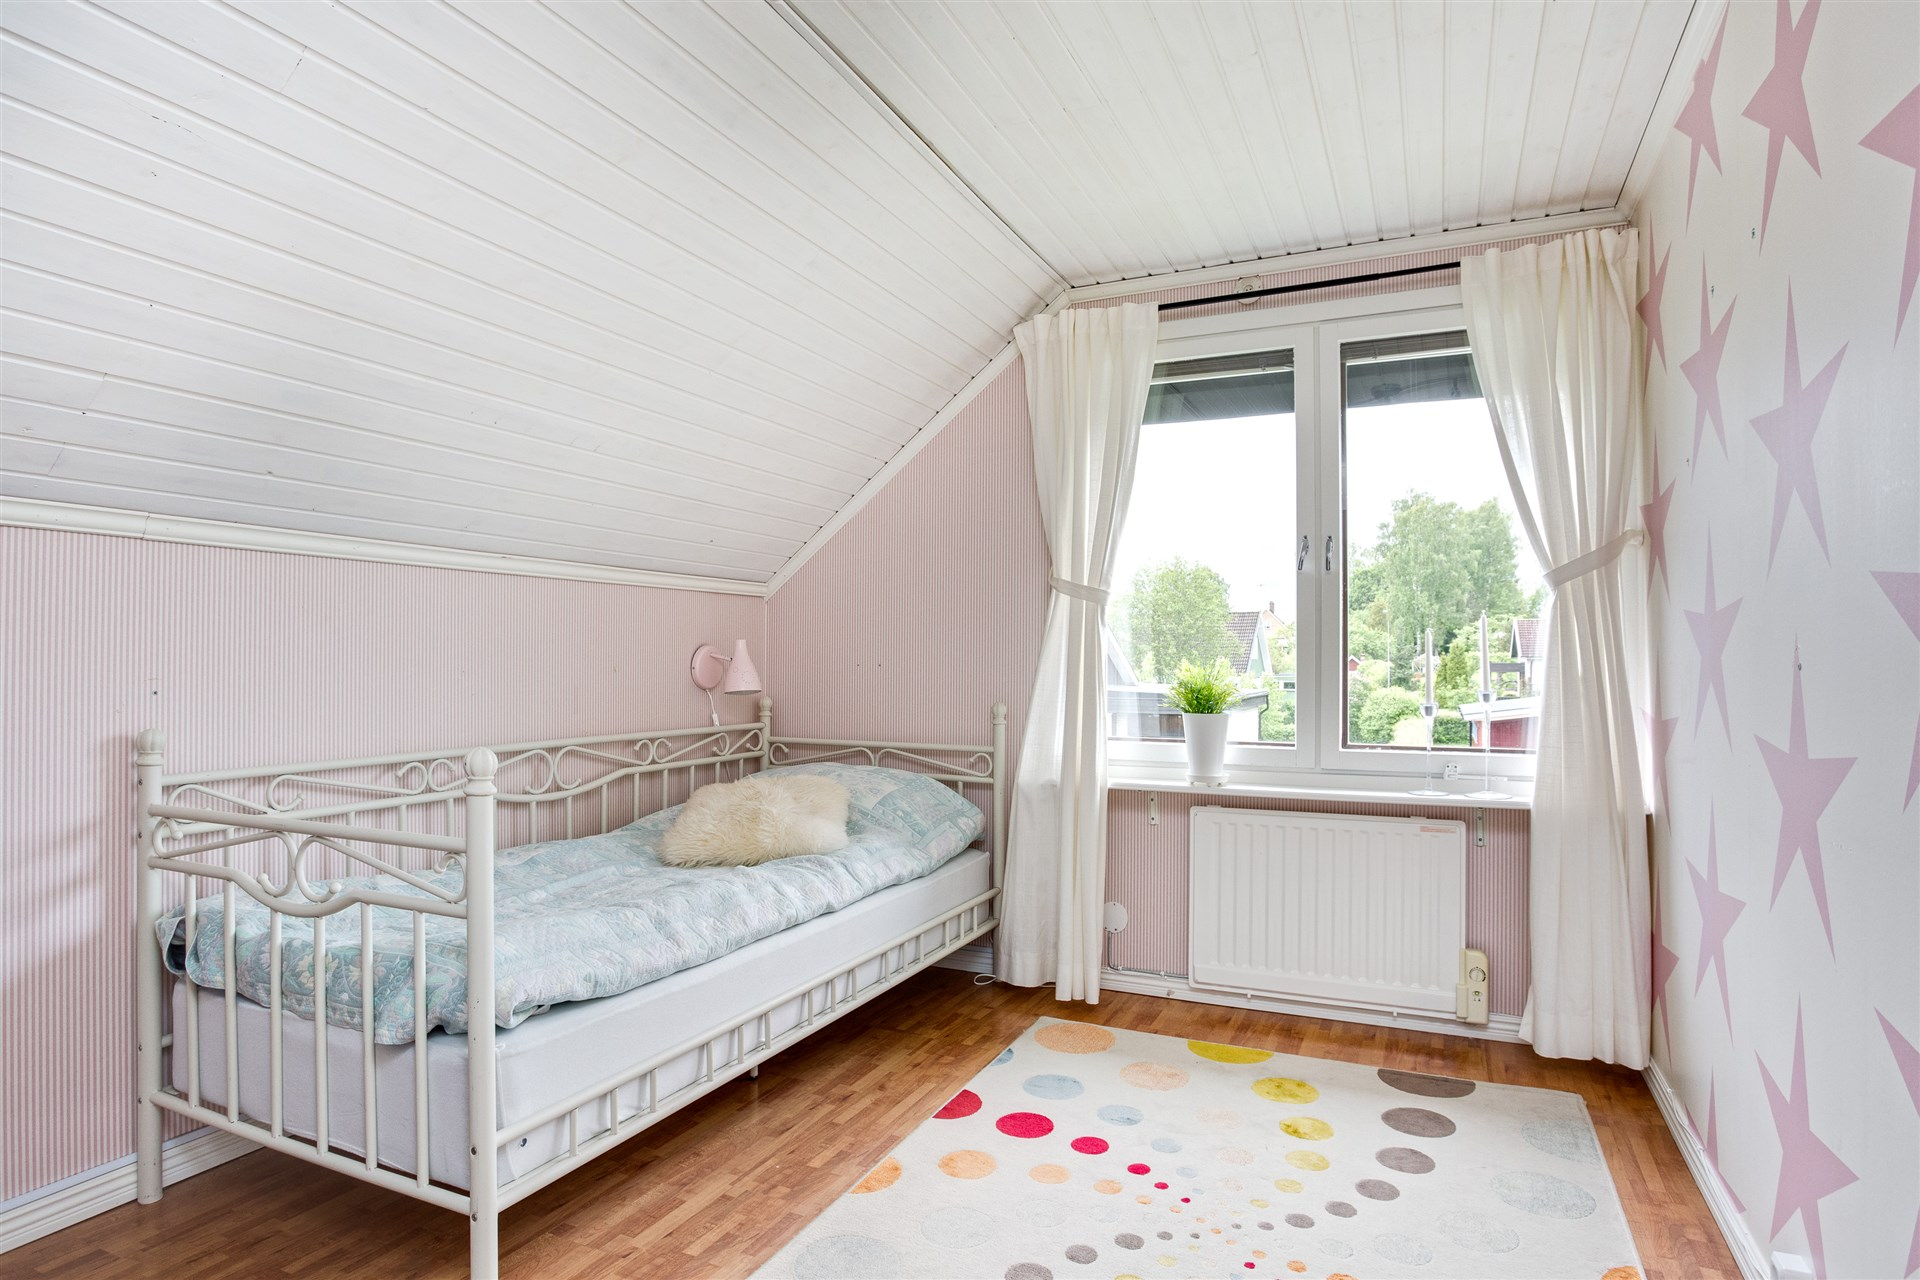 Sovrum 4 med fondvägg och markis över fönstret.